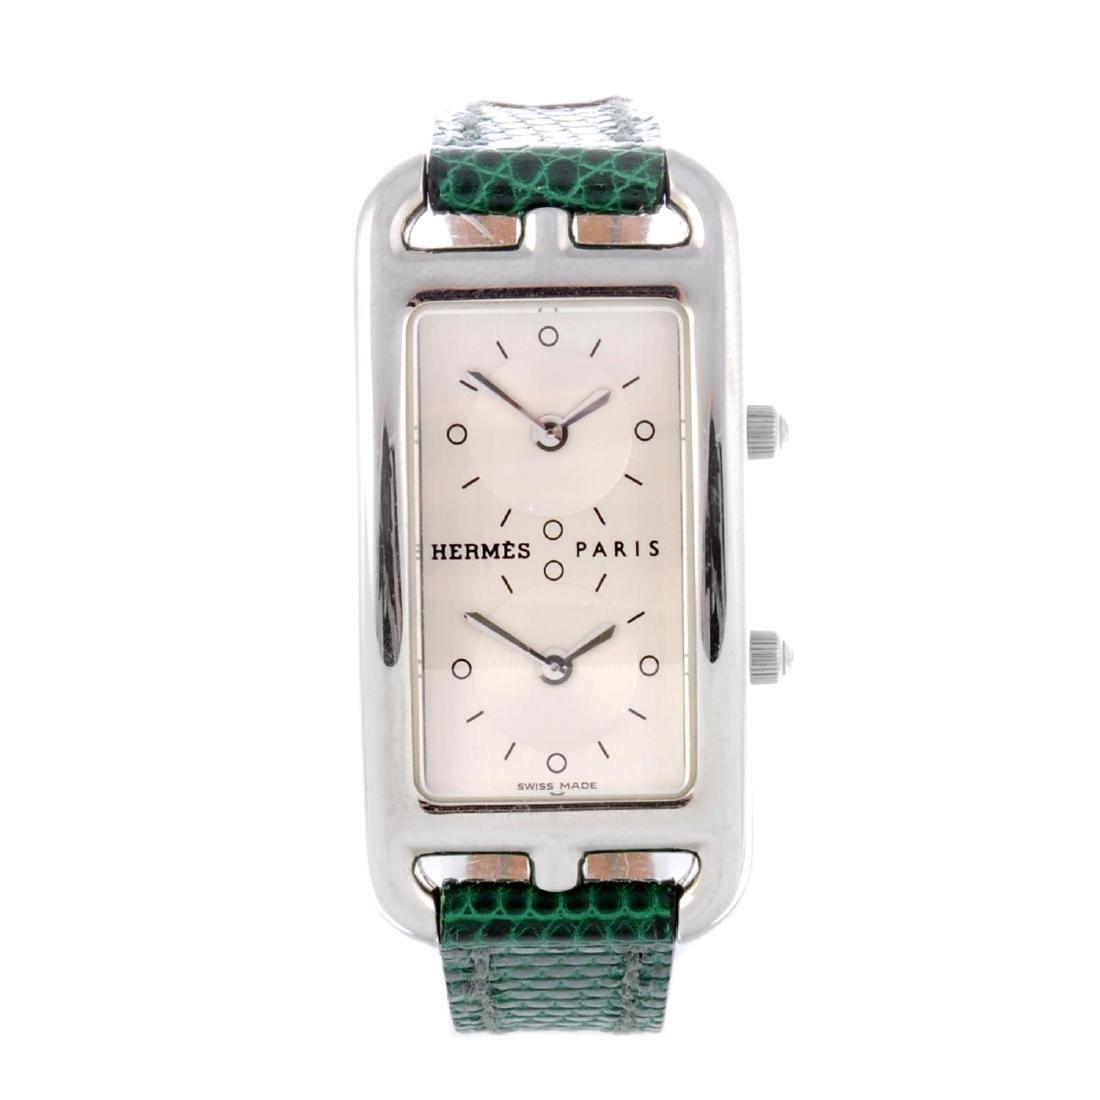 HERMÈS - a lady's Cape Cod Deux Zones wrist watch.